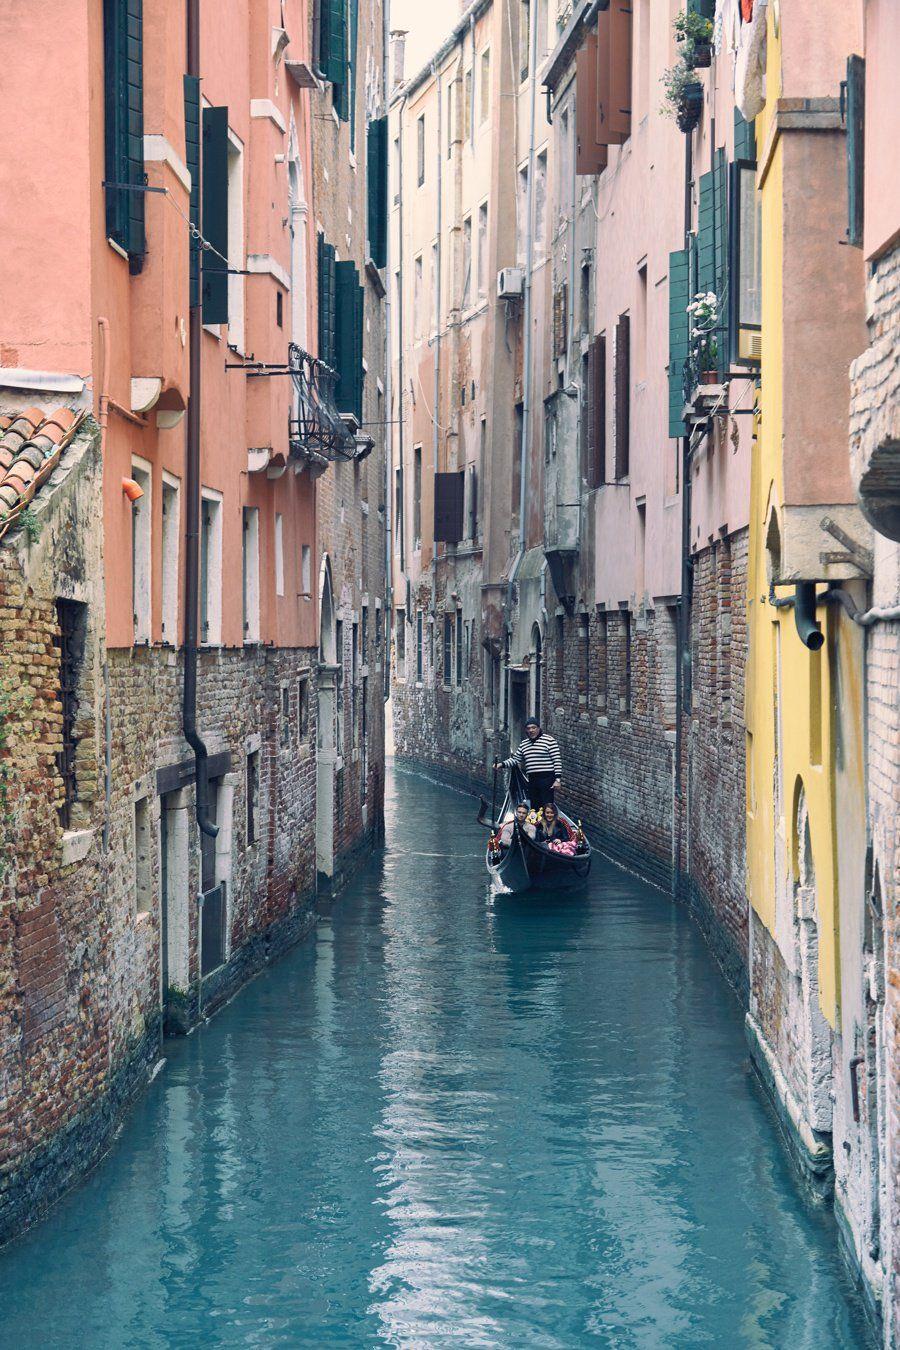 Venise  Une Ville Unique En Son Genre Immortalis U00e9e Dans